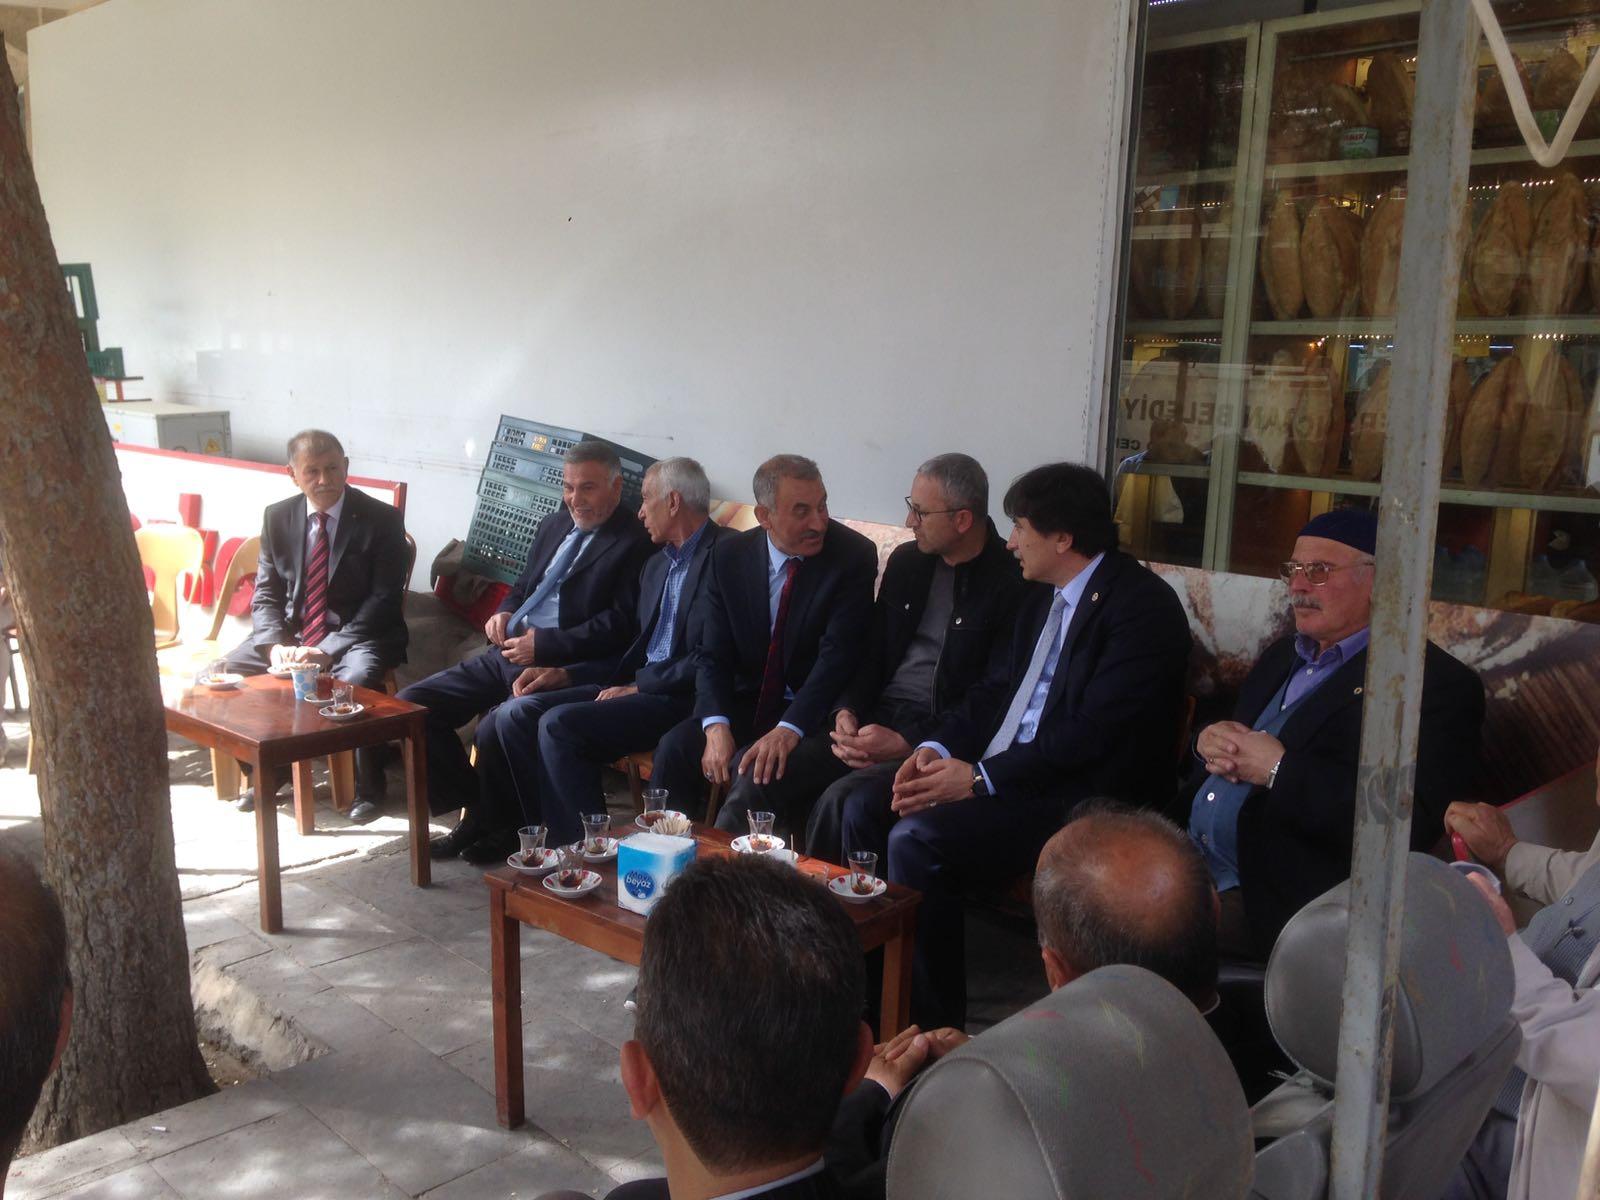 Genel Başkan Yardımcılarımız İsmail Türk ve Kenan Karaçam Erzincan'a giderek geçtiğimiz pazartesi günü babası vefat eden Erzincan Şube Başkanımız Mücahit Gökhan Şahin'e ve ailesine taziyelerini ilettiler.